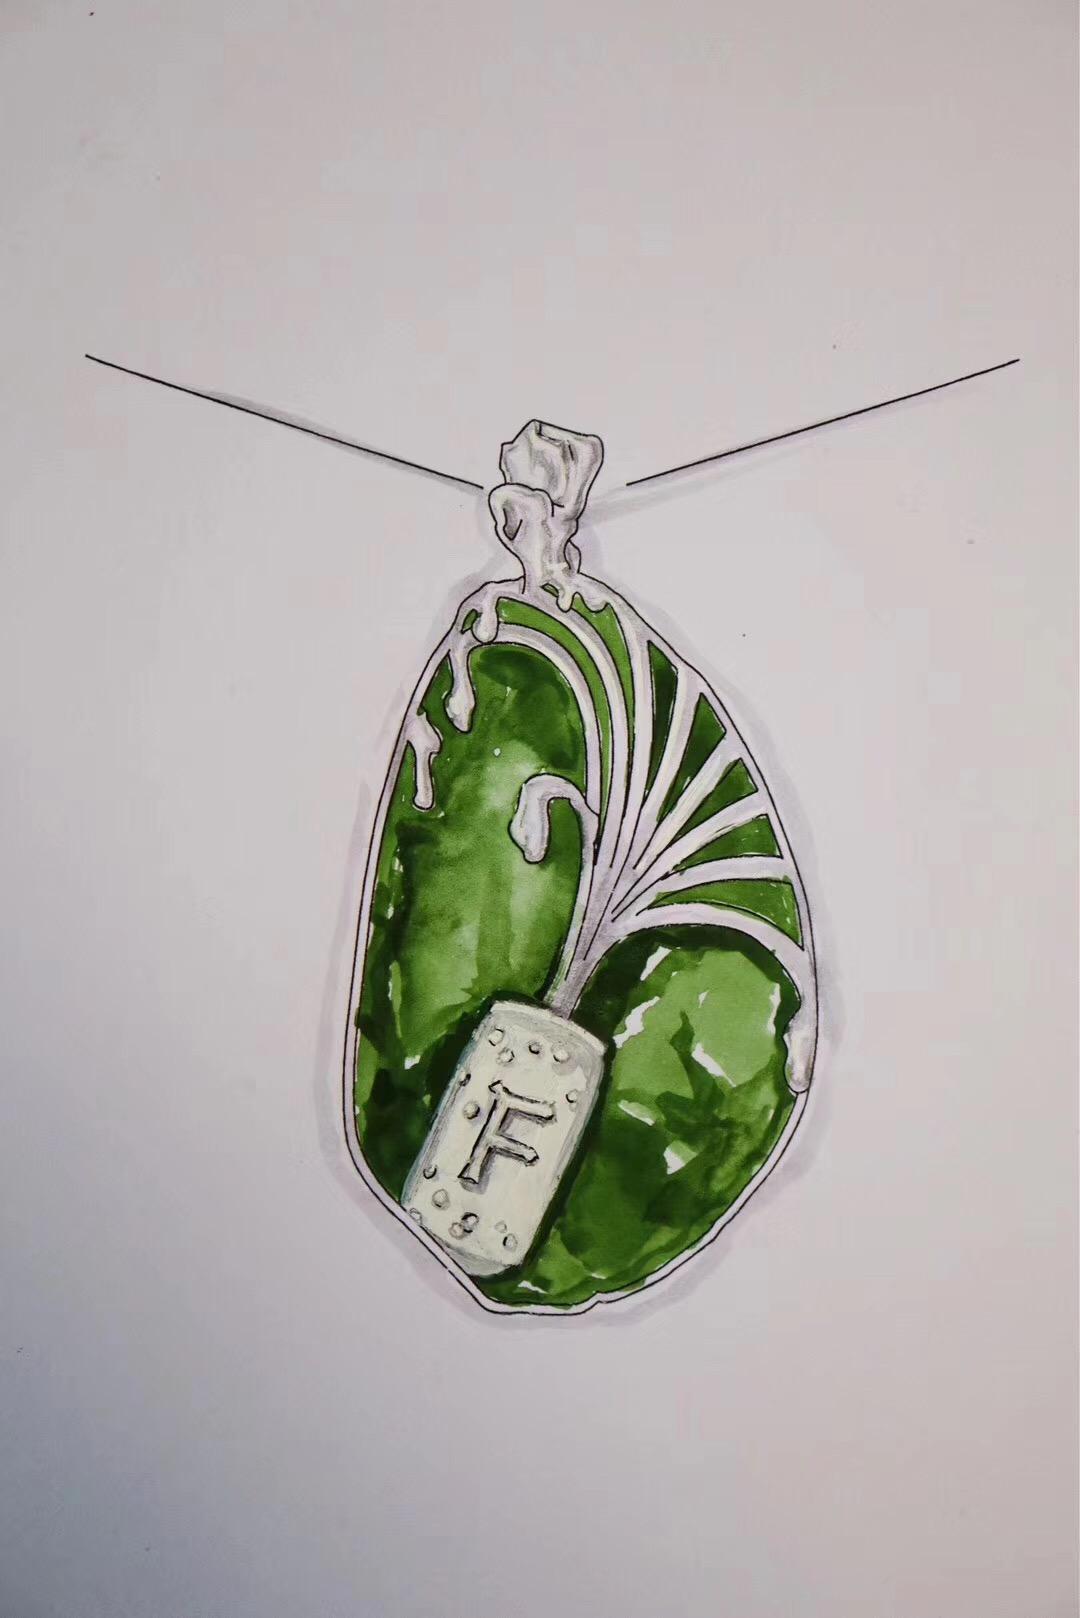 """【捷克陨石】""""易拉罐、火树银花、欣欣向荣""""这个设计要求~~~好欢乐~-菩心晶舍"""